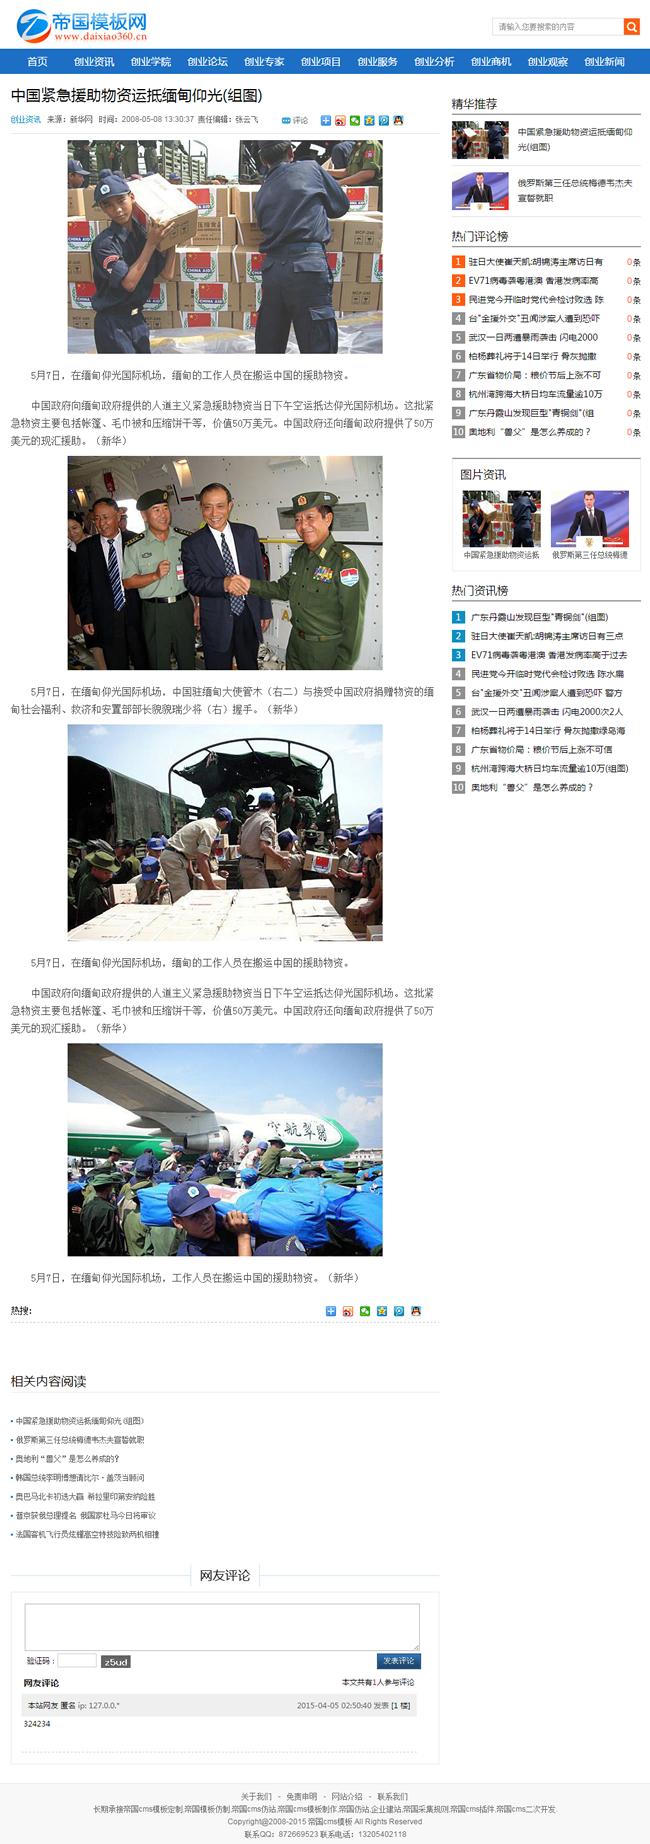 新闻文章资讯帝国cms模板蓝色系_内容页